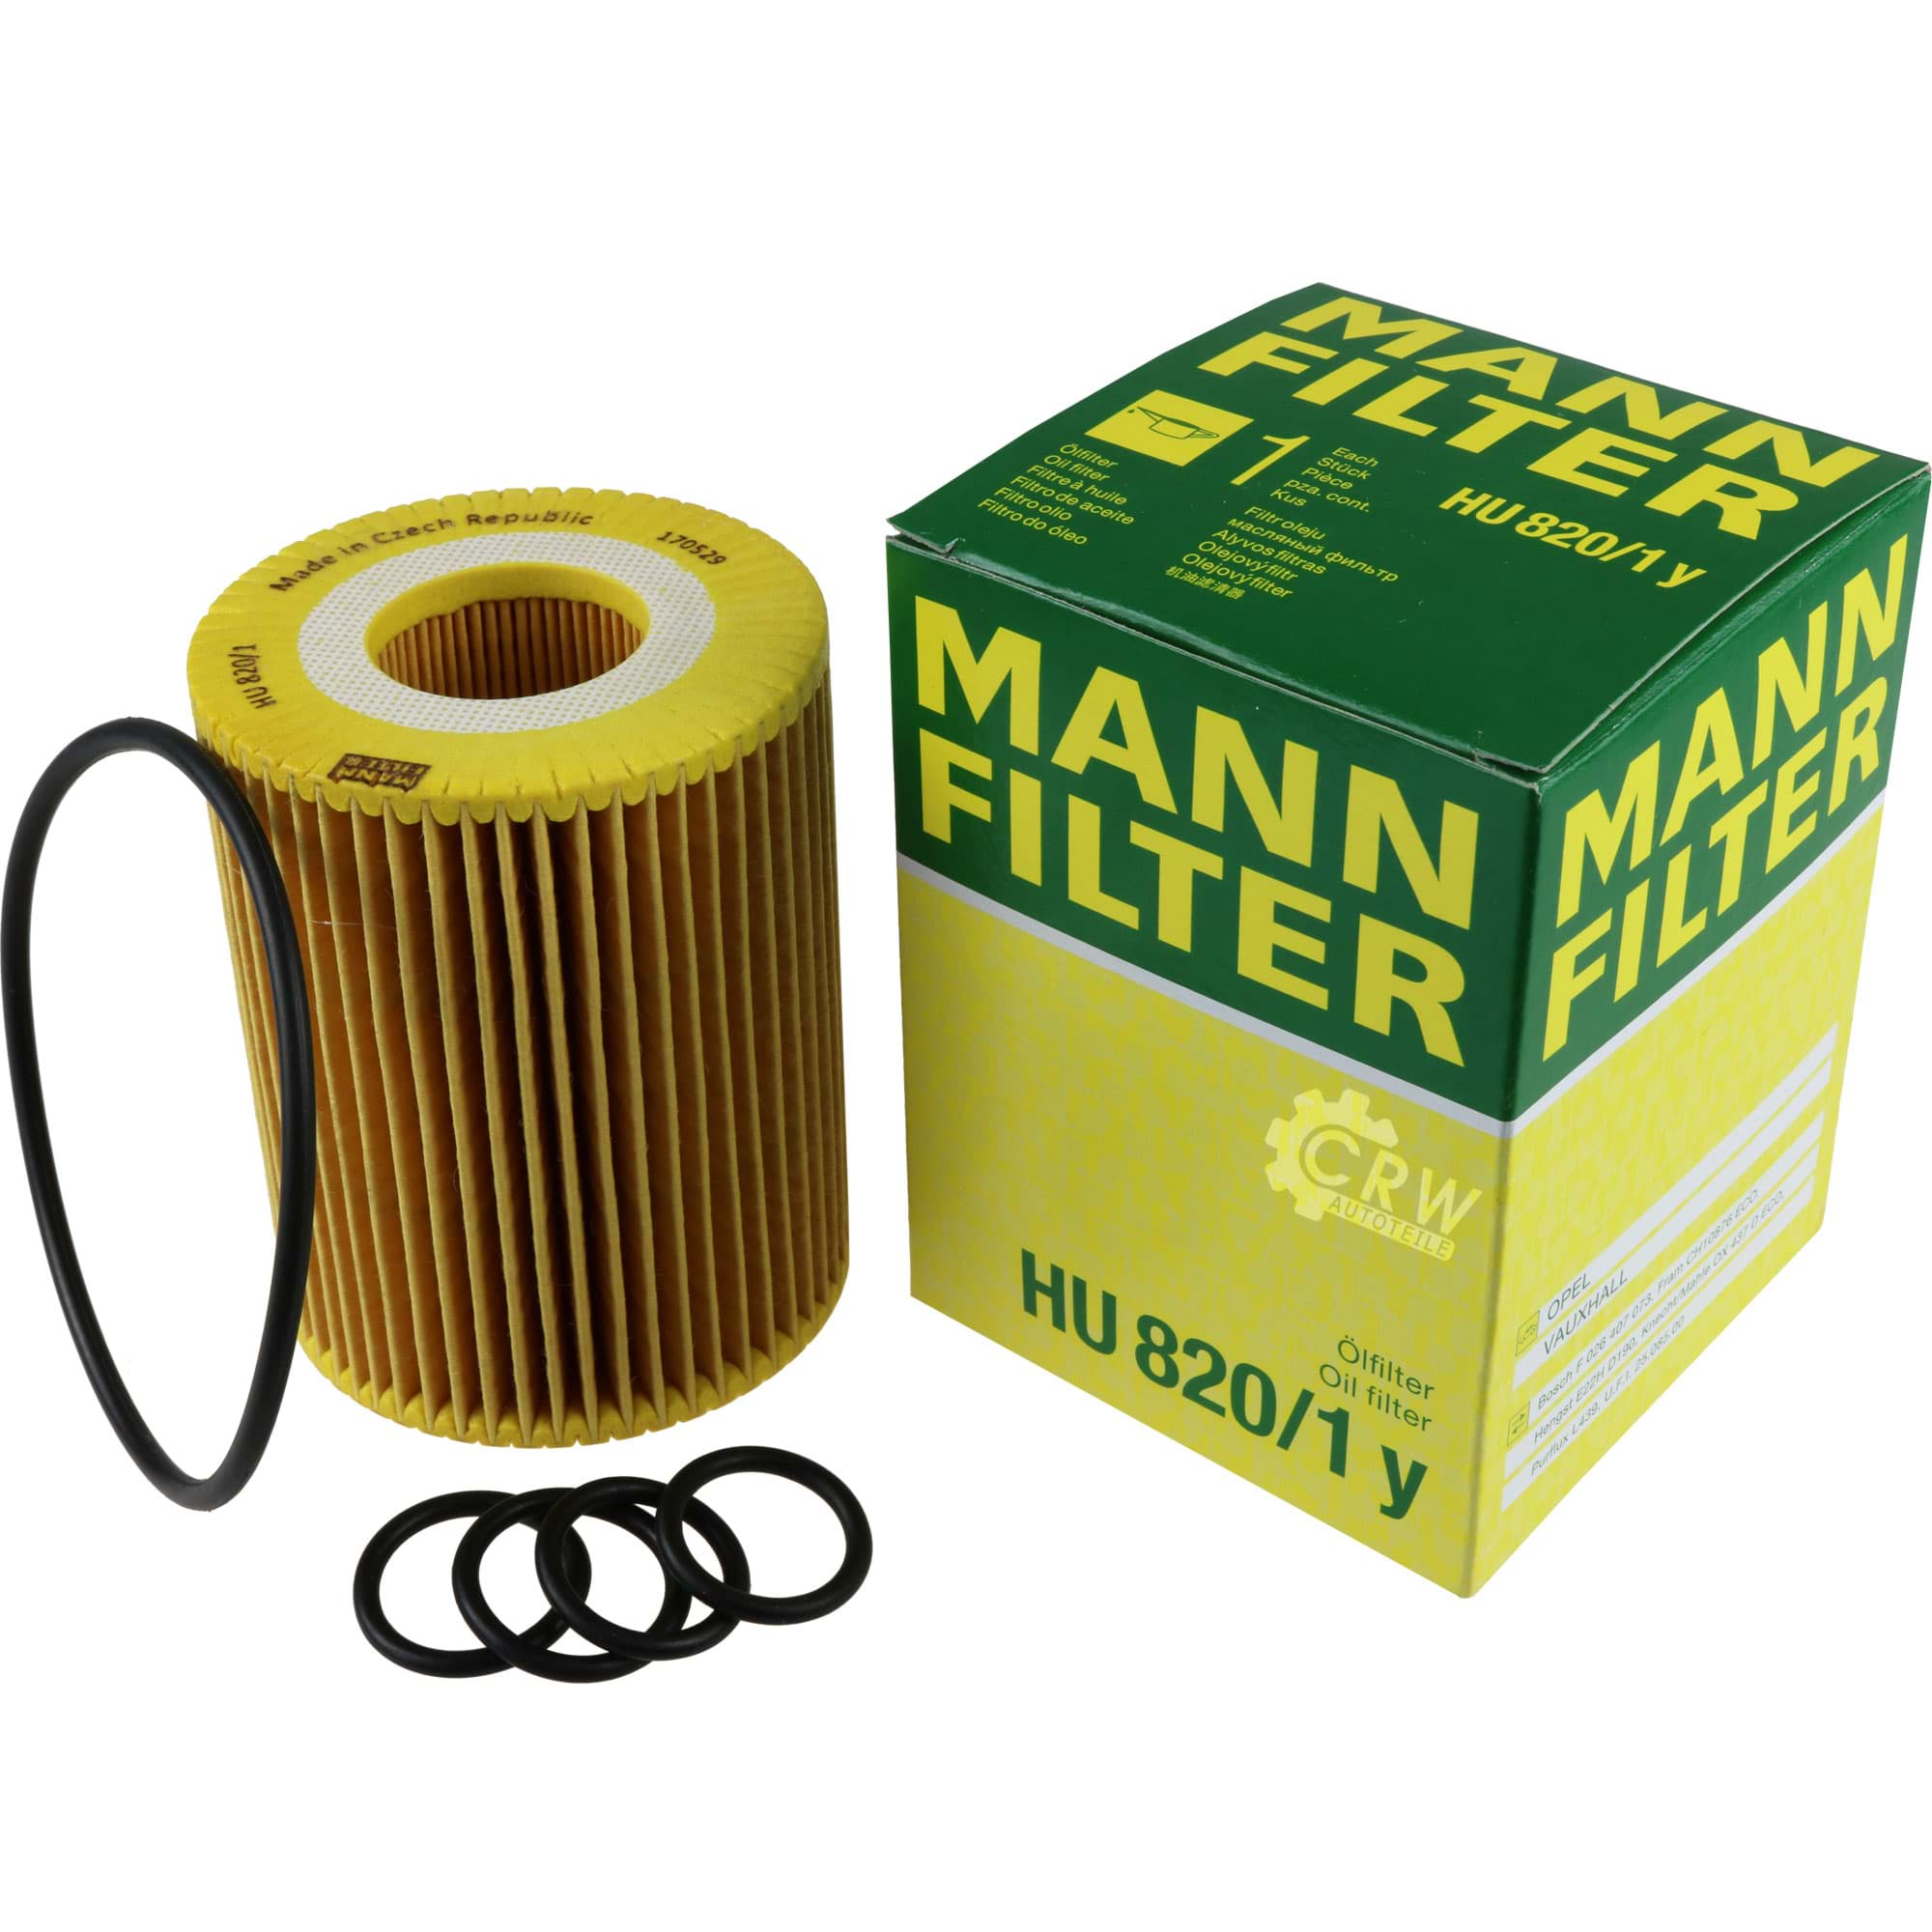 HU 820//1 y Ölfilter Filter MANN-FILTER